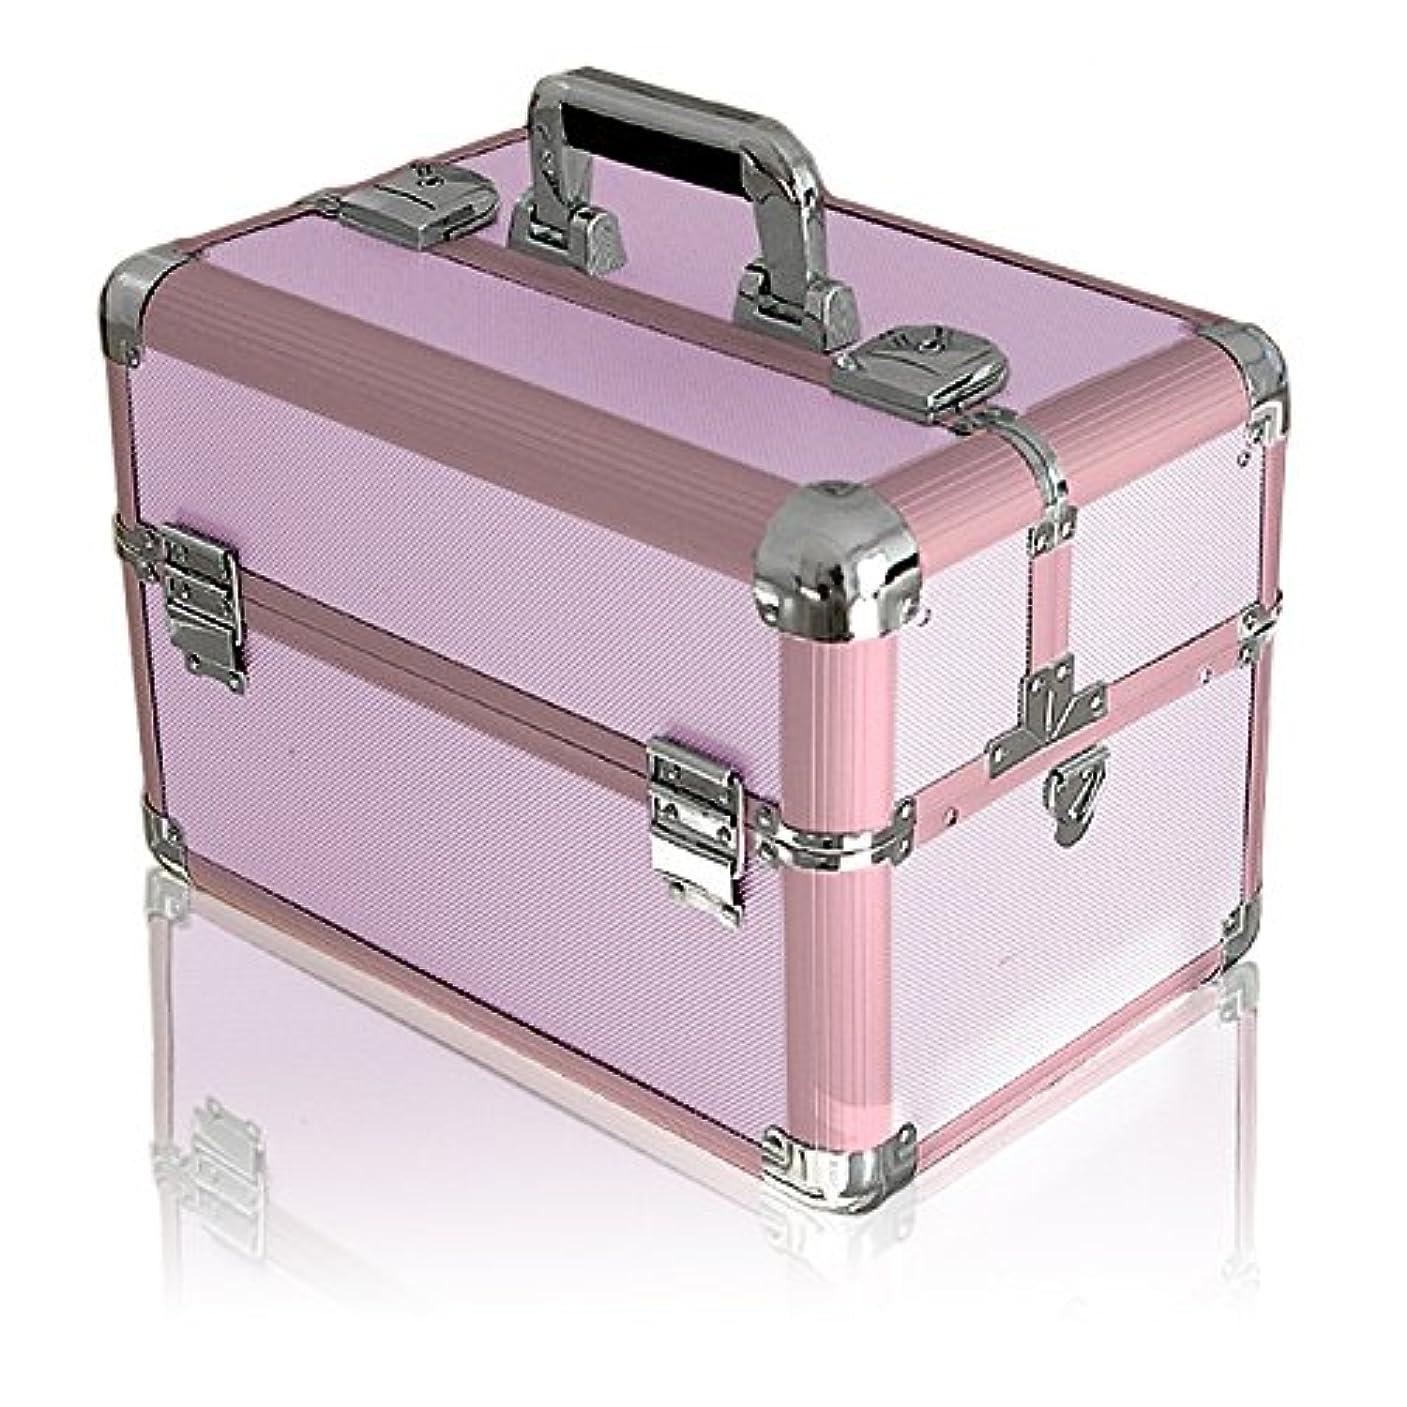 パンサー確かな件名ottostyle.jp メイクボックス コスメボックス Lサイズ 【ピンク】 37×24.5×27.5cm 観音開き アルミ プロ仕様 鍵付き ツールボックス 工具箱